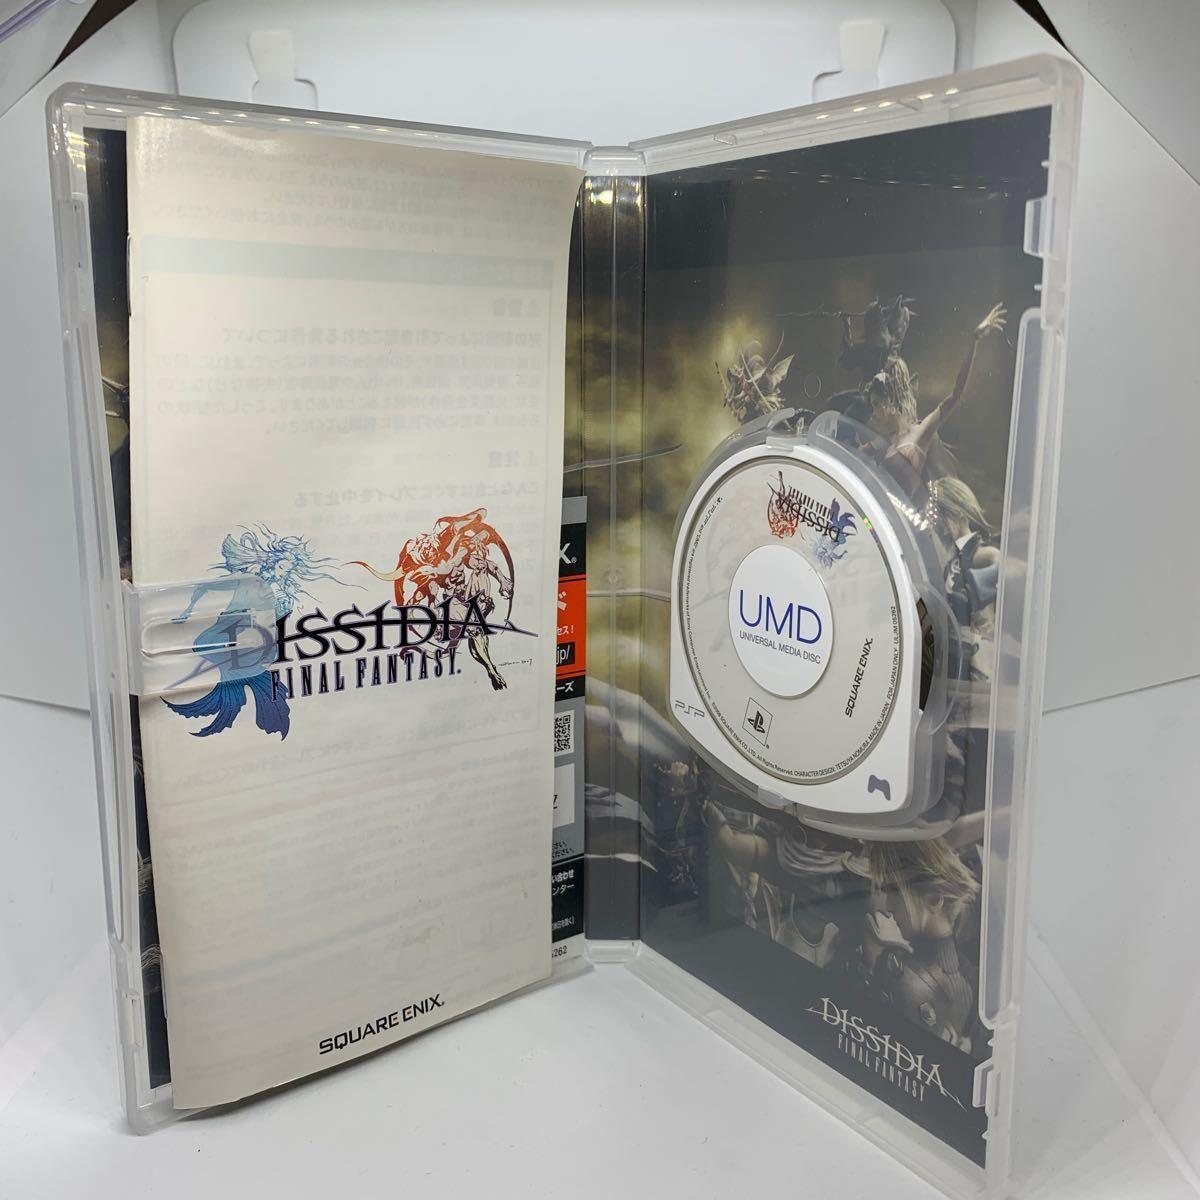 【PSP】 ディシディア ファイナルファンタジー スクエニ ソフト 中古 説明書あり